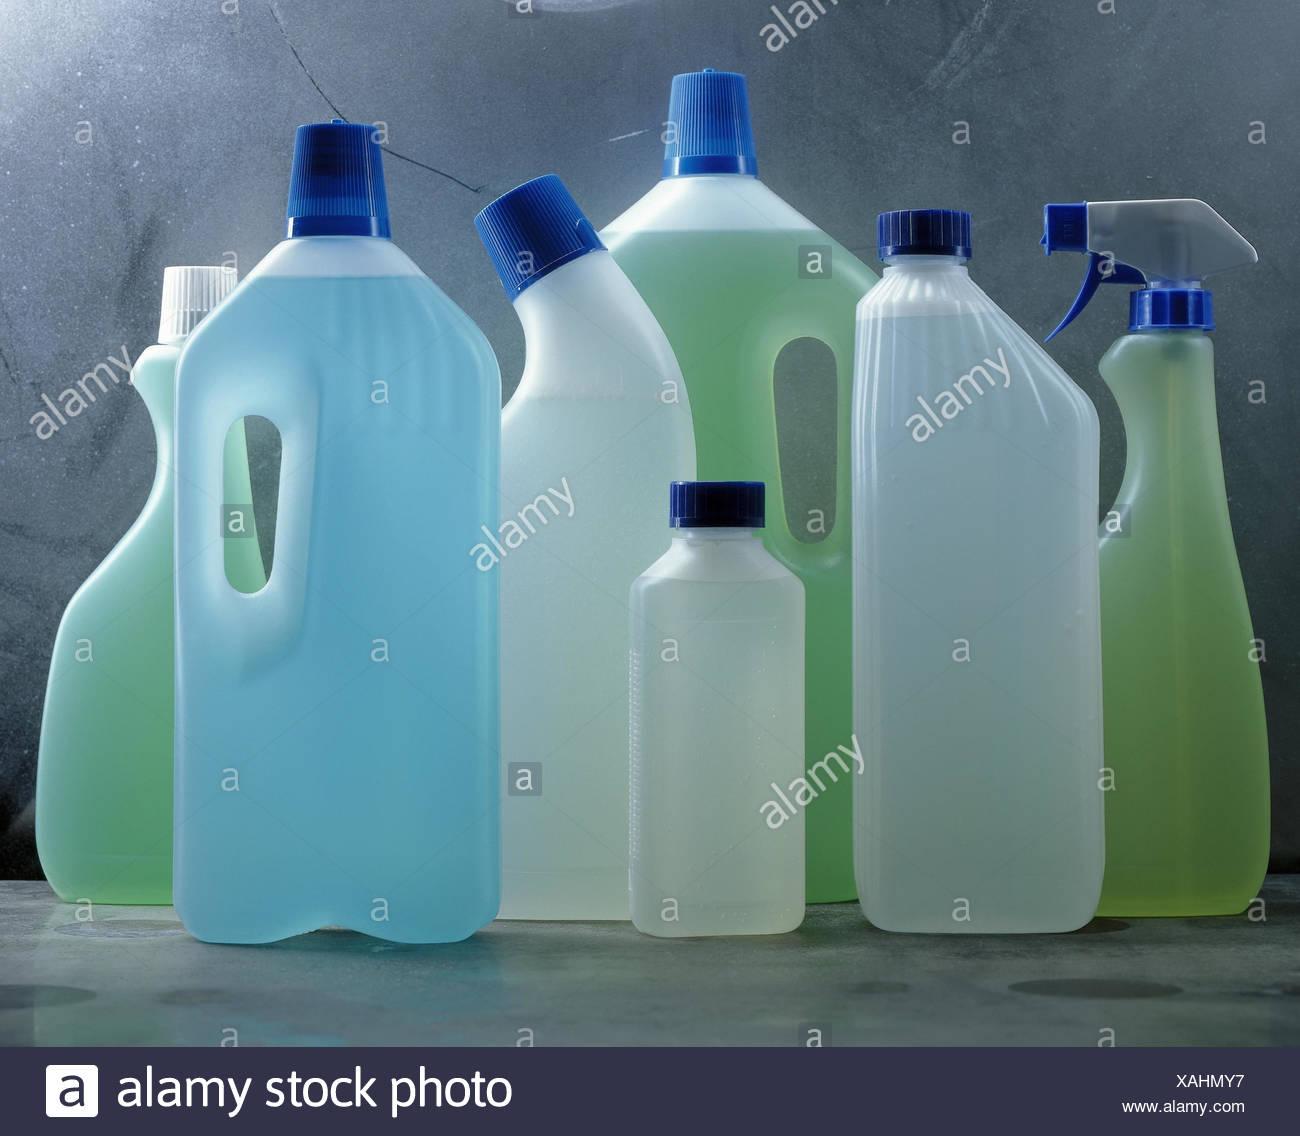 Reinigungsmittel Kunststoff Spruhen Flaschen Anders Haushalt